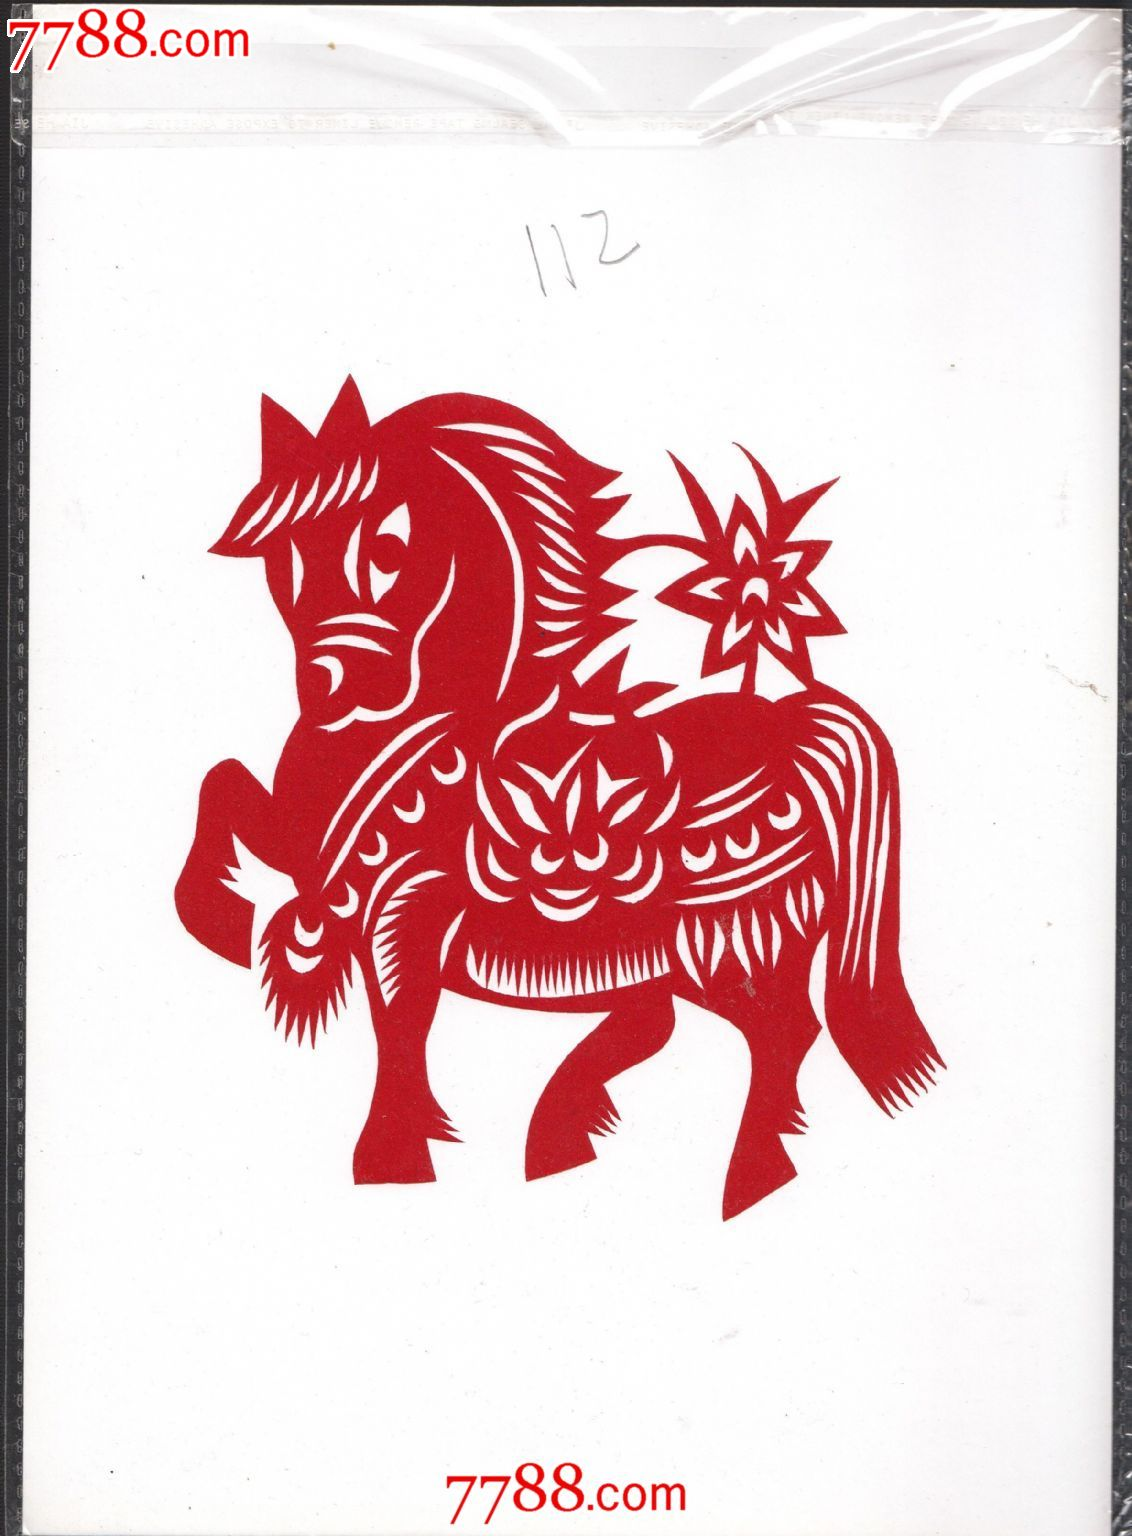 87 品种: 剪纸/窗花-剪纸/窗花 属性: 2000-2009年,,陕西,,动物,,单件